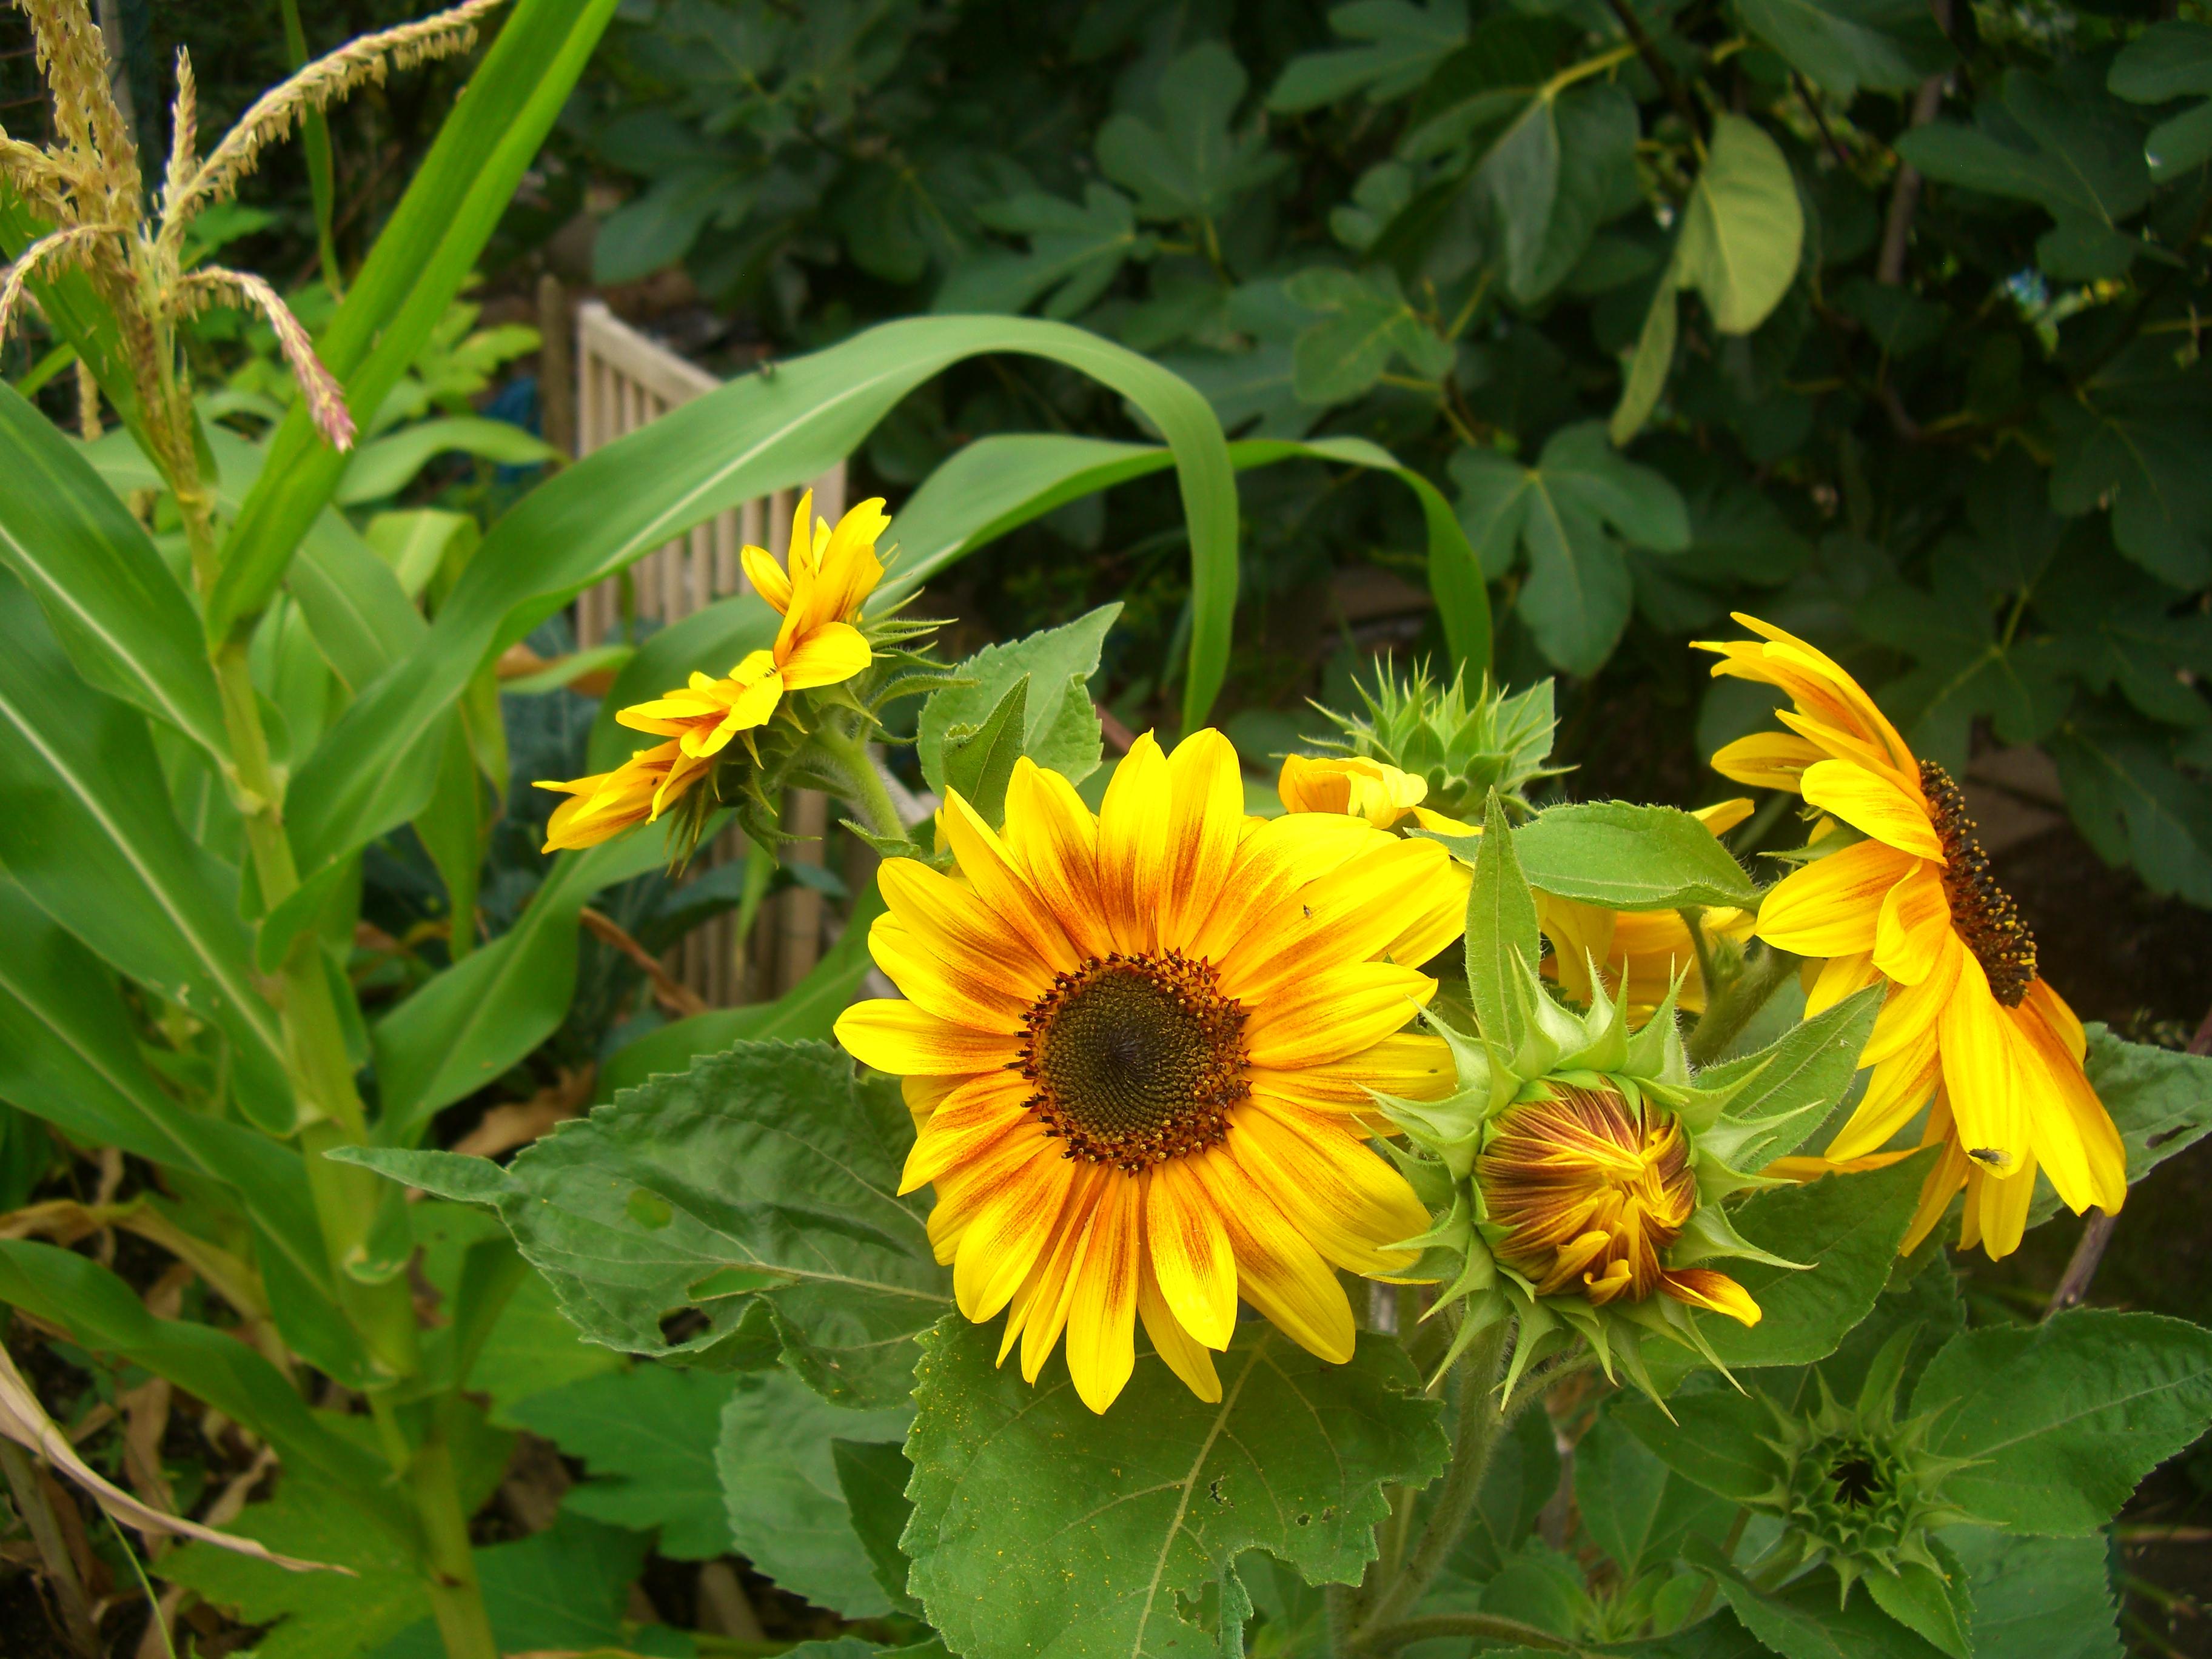 SunflowersCorn